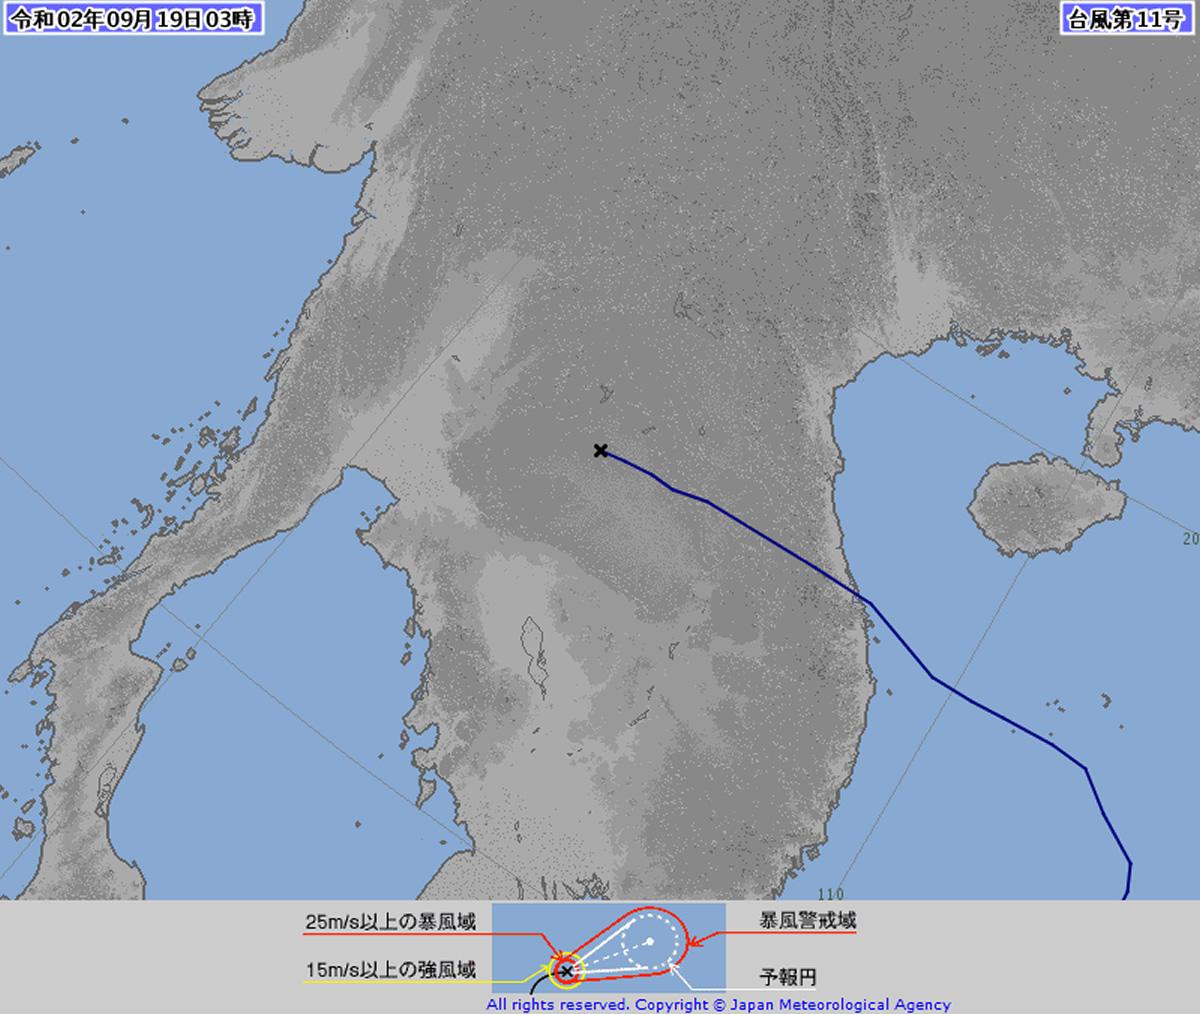 台風11号「ノウル」は熱帯低気圧に変わるも大雨・強風・高波に注意